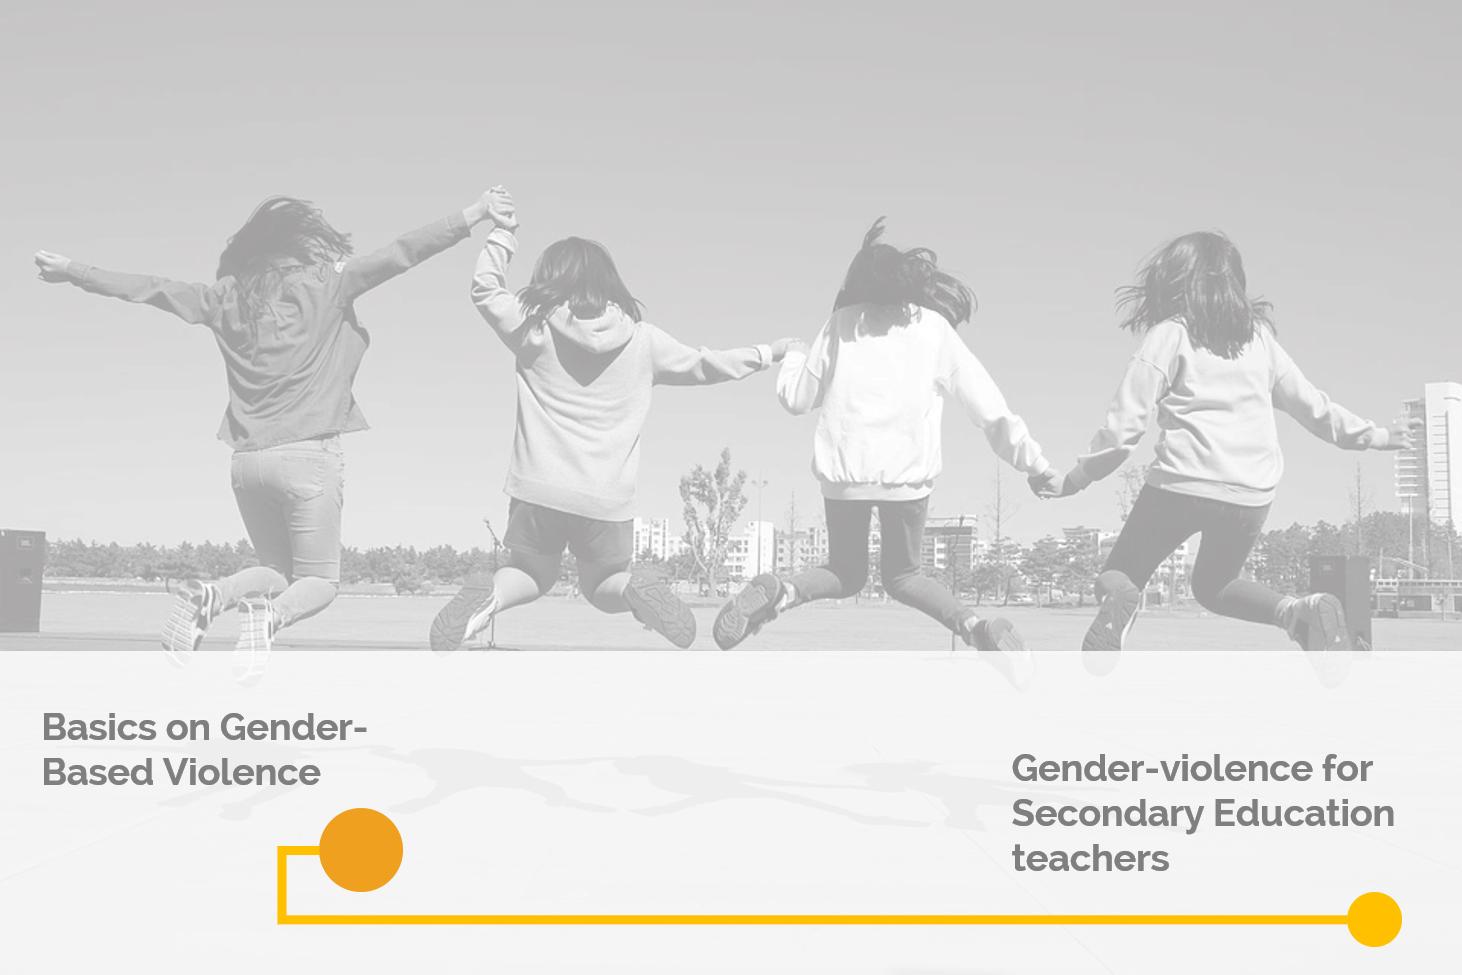 Violenza di genere per docenti delle scuole secondarie superiori